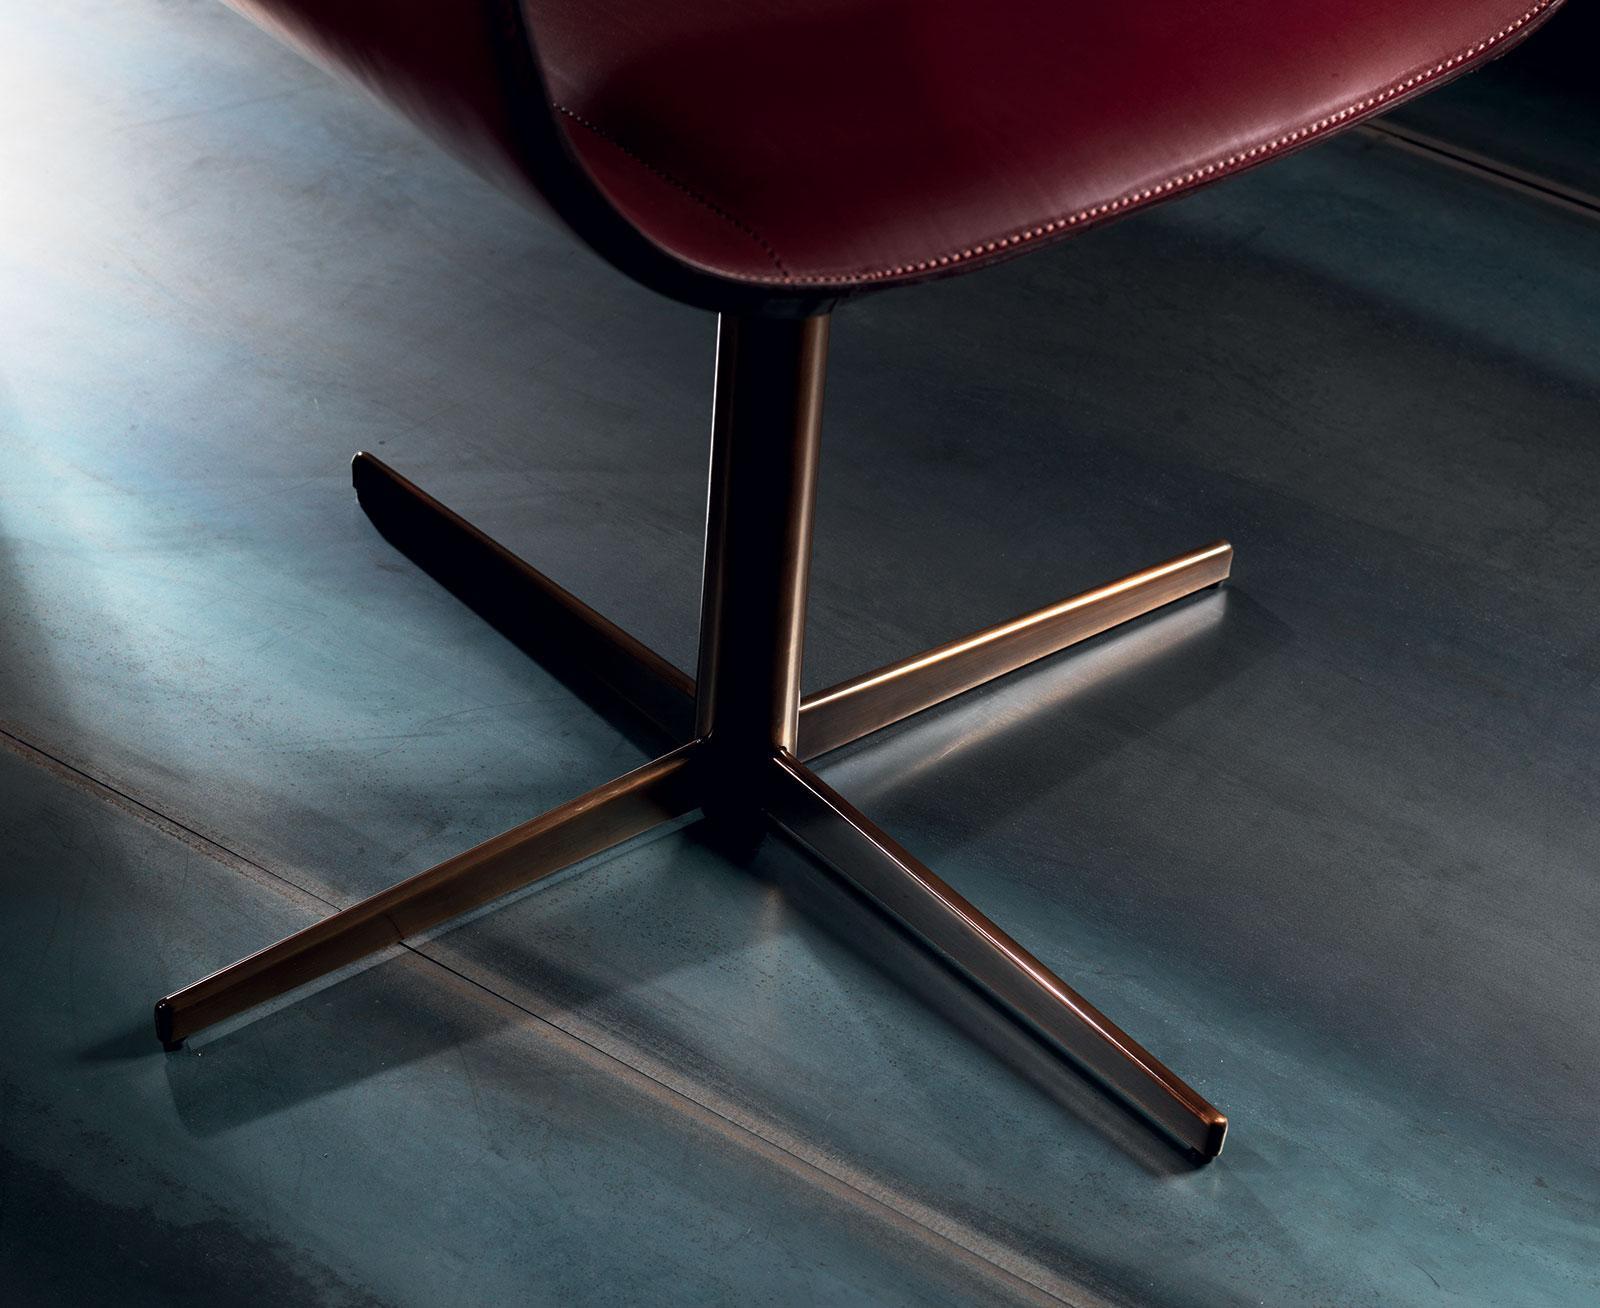 poltroncina camera bianca letto salotto cucina ergonomica girevole pelle ingresso moderna nera scrivania rossa studio vintage arredamento qualità 2015 lusso